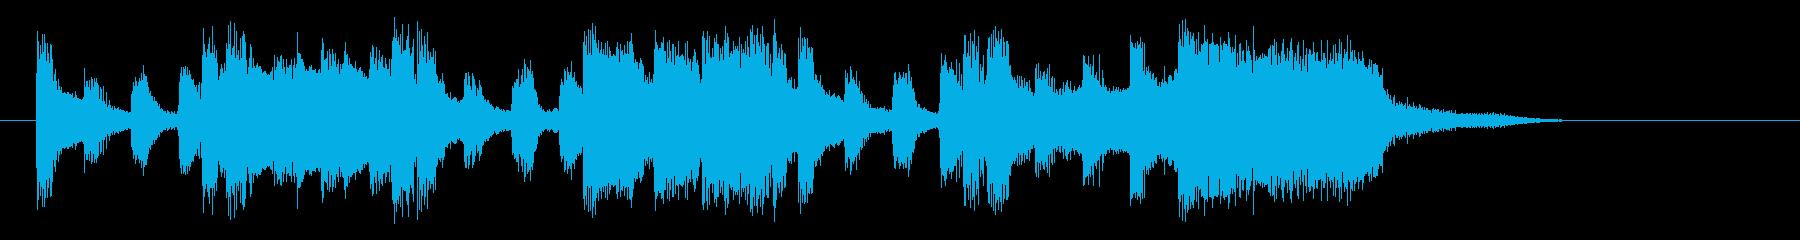 軽快でゆったりとしたピアノジングルの再生済みの波形